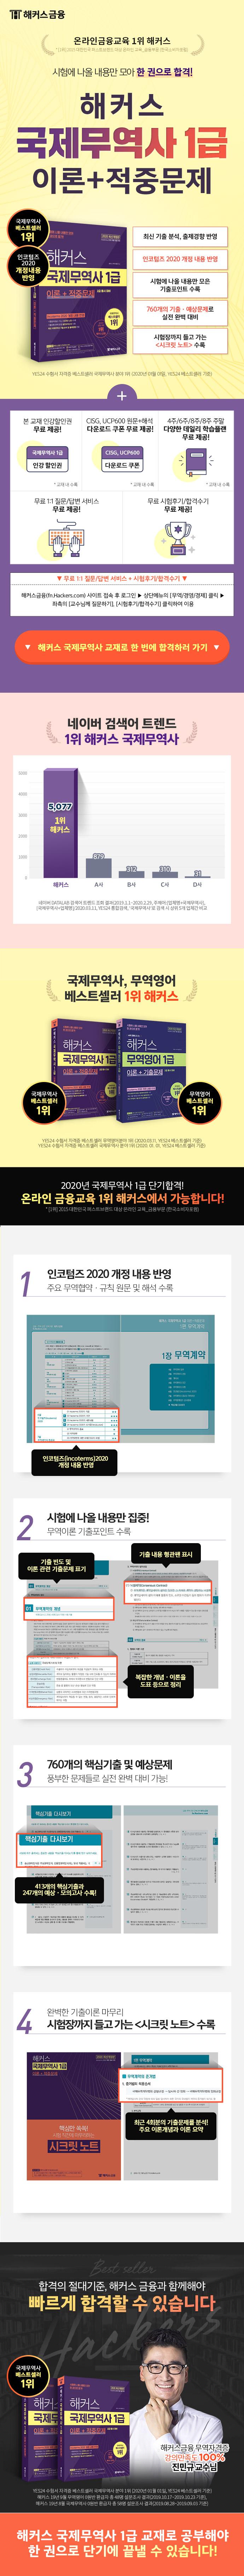 해커스 국제무역사 1급 이론+적중문제(2020) 도서 상세이미지